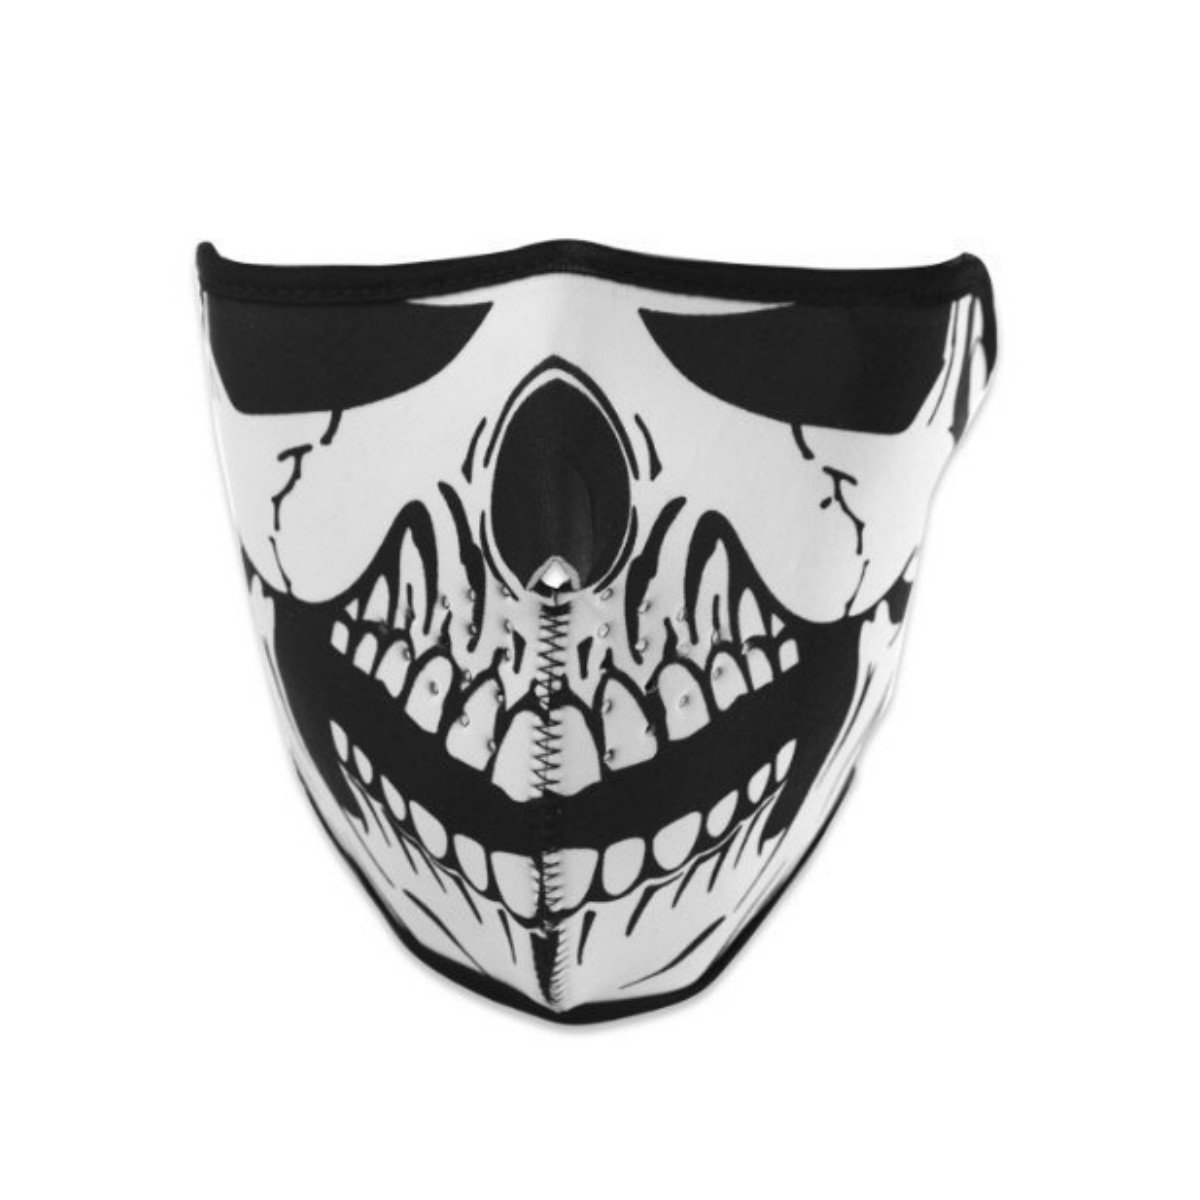 KT SUPPLY Fashion Maschera da Bici ATV, Passamontagna Reversibile Tribale in morbido neoprene, Balacklava scheletro e cranio come scaldacollo per snowboards moto bici sport esterno